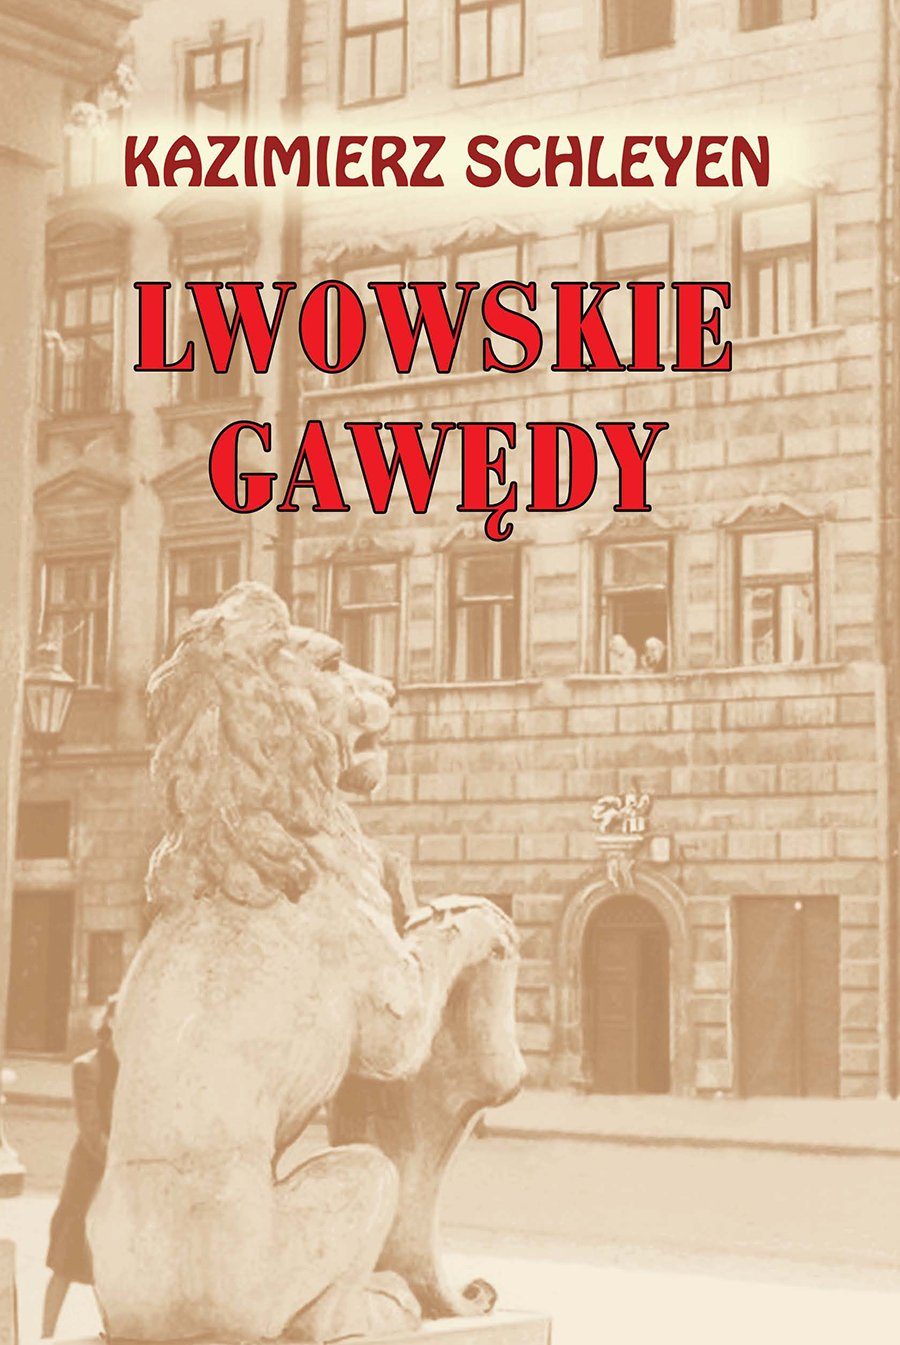 Lwowskie gawędy - Ebook (Książka EPUB) do pobrania w formacie EPUB